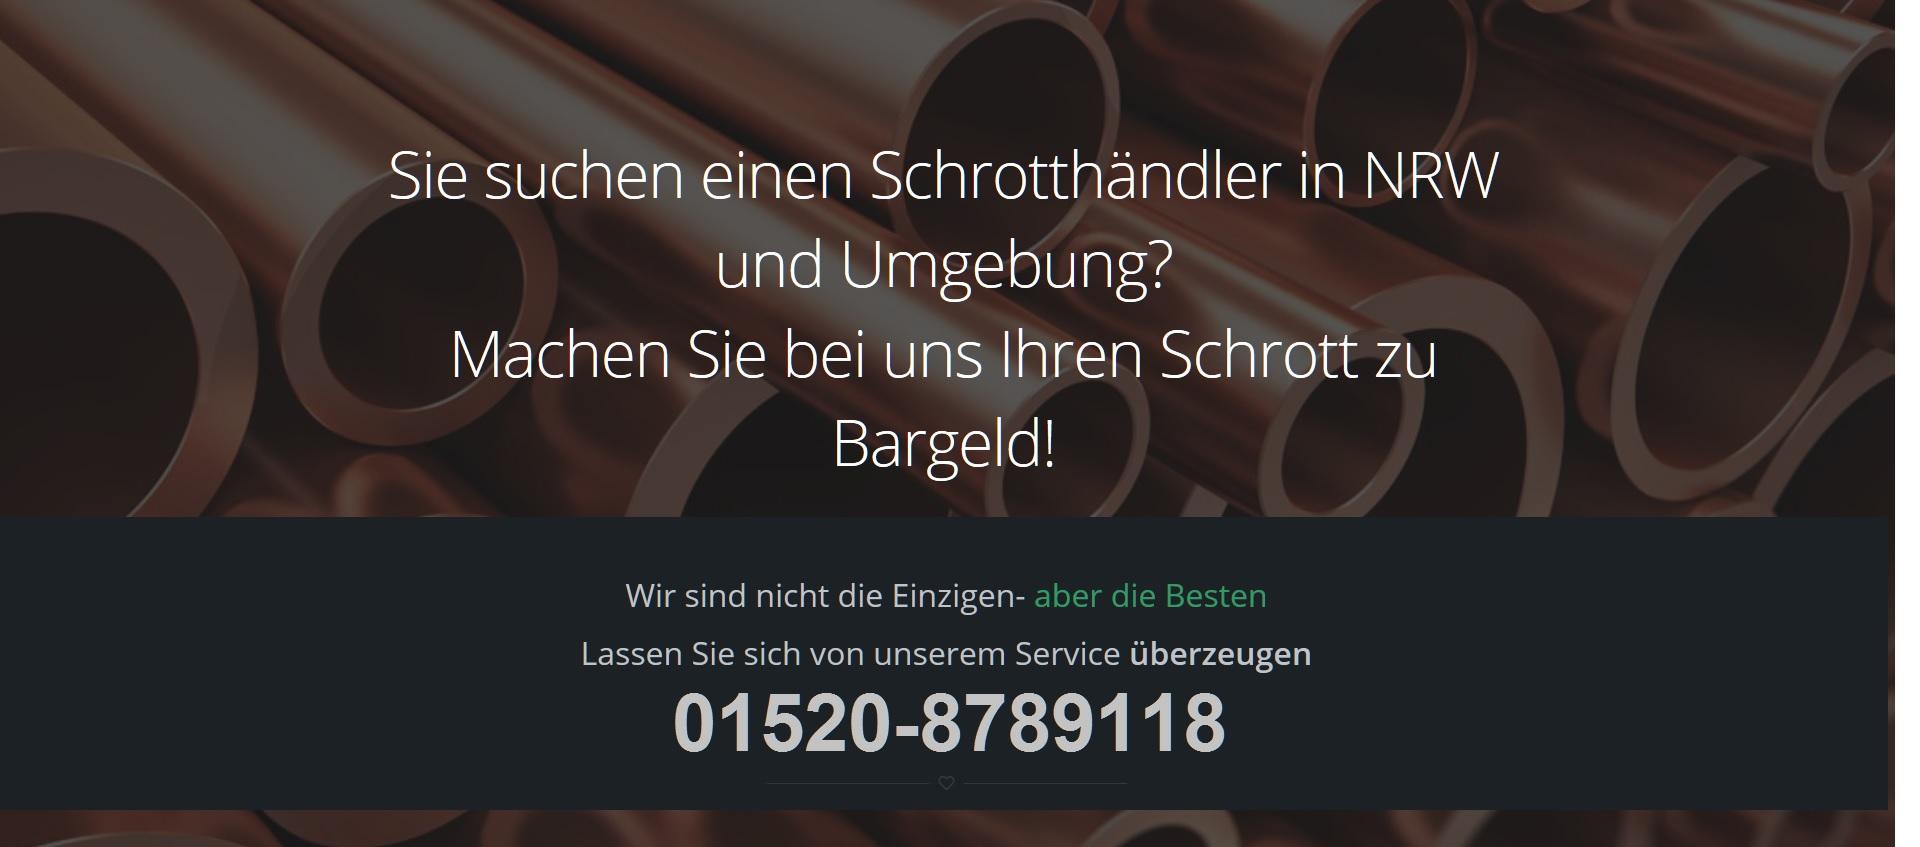 Schrottabholung Ratingen - Schrotthändler NRW